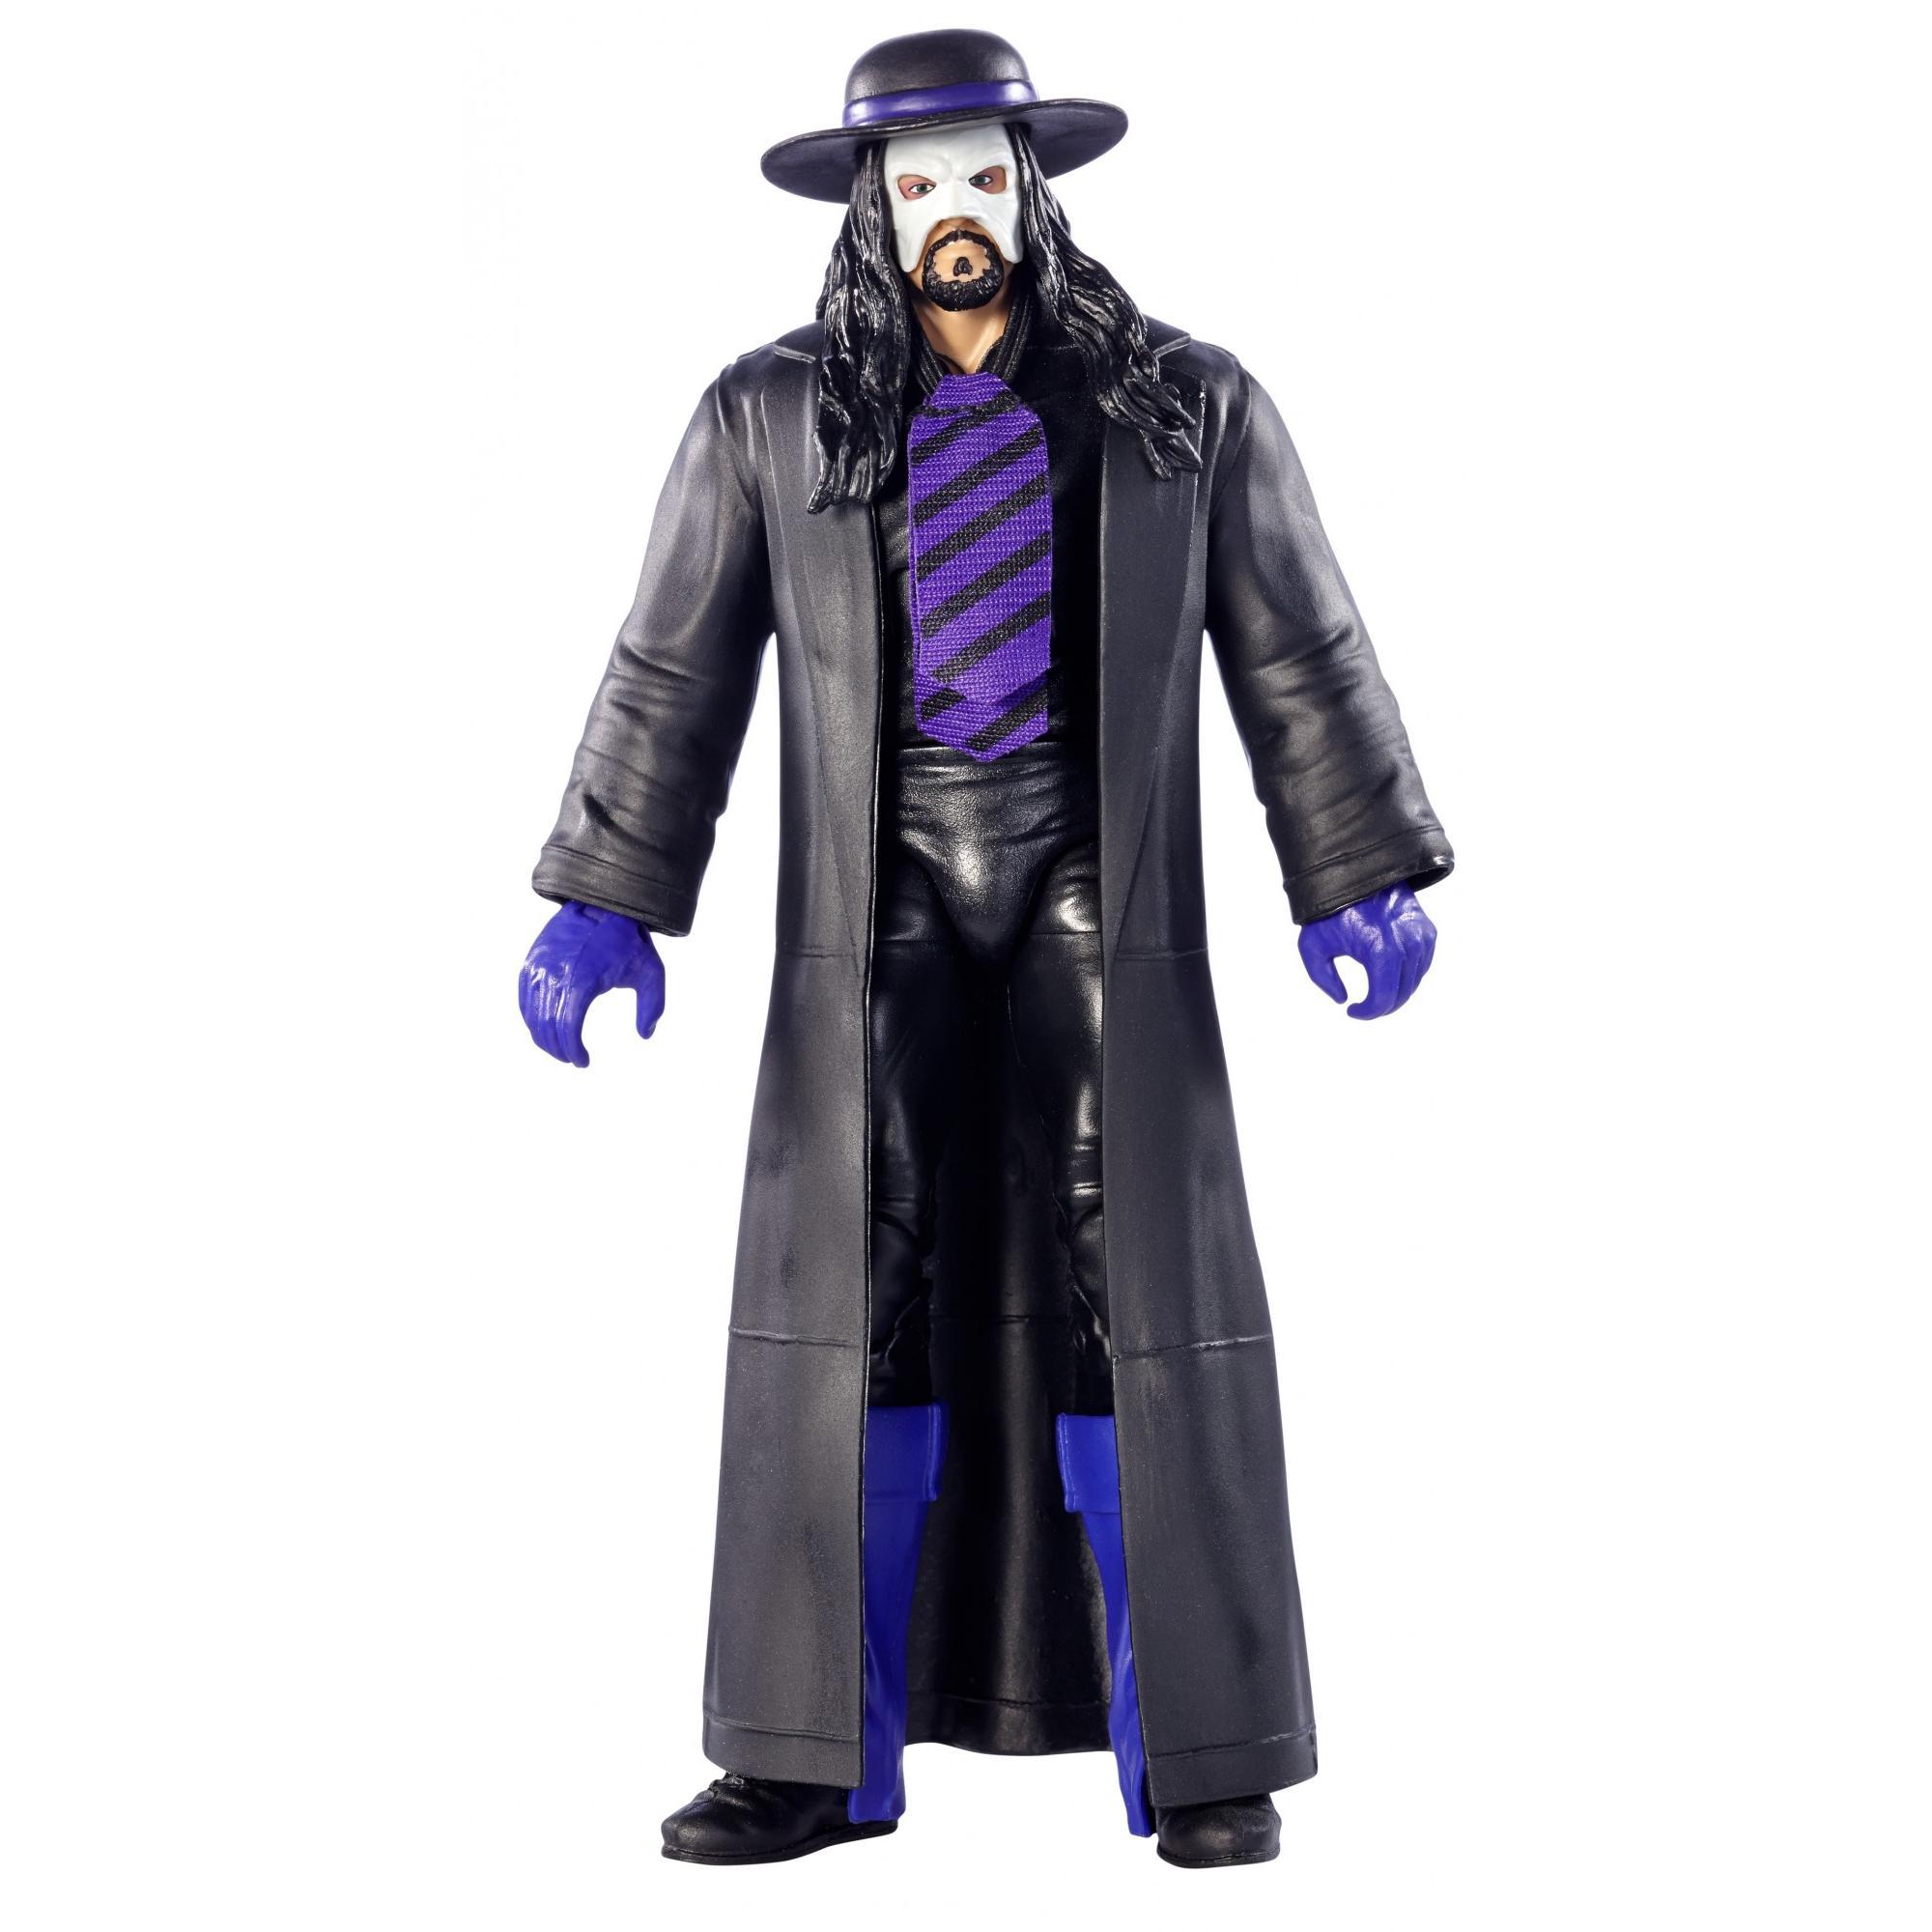 WWE Elite Figure Undertaker by Mattel